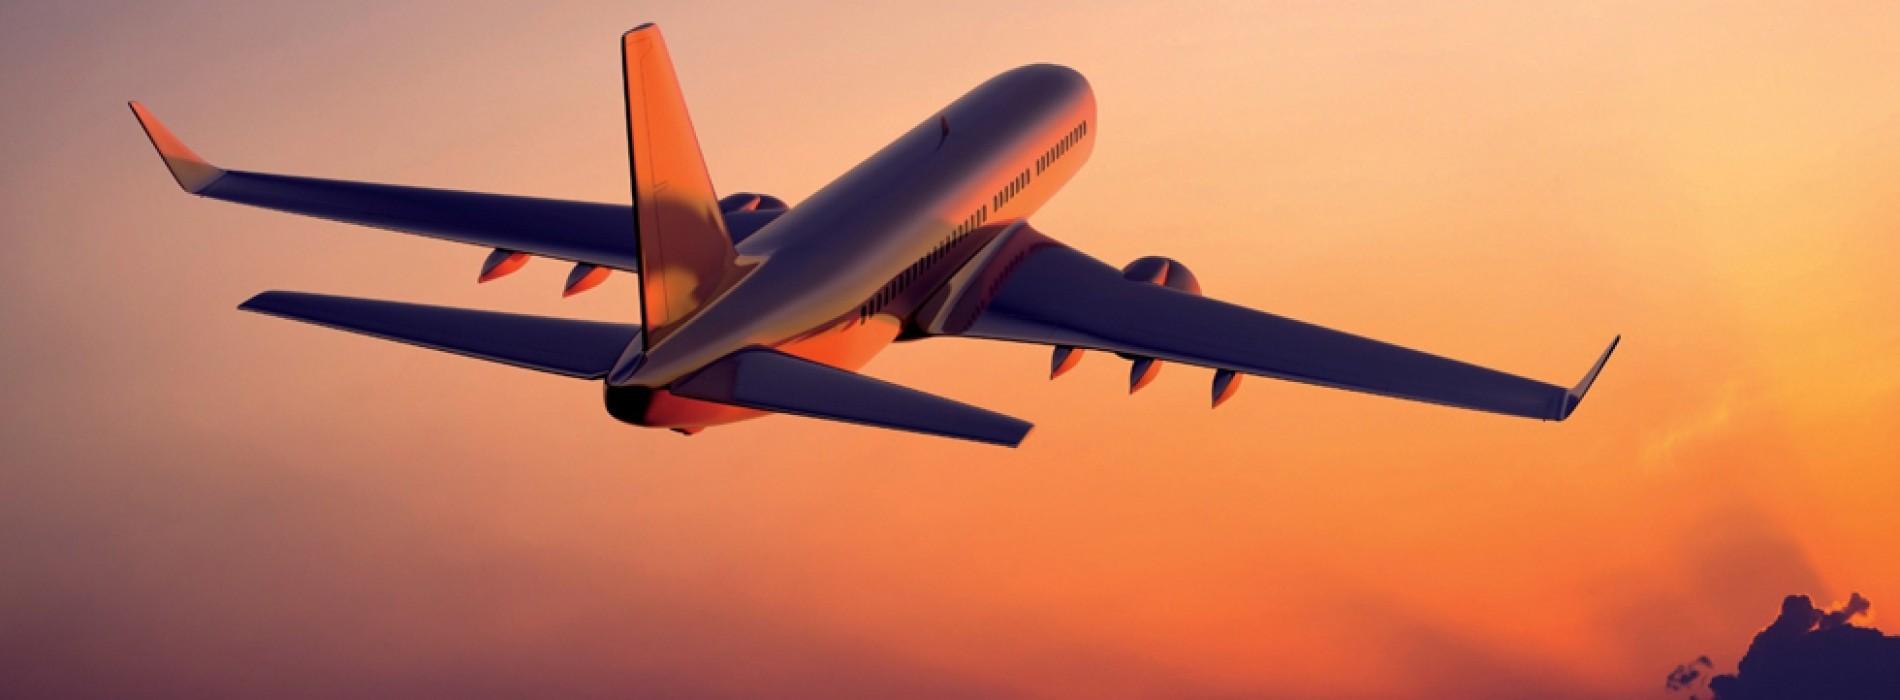 Hyderabad flies high as regional aviation hub